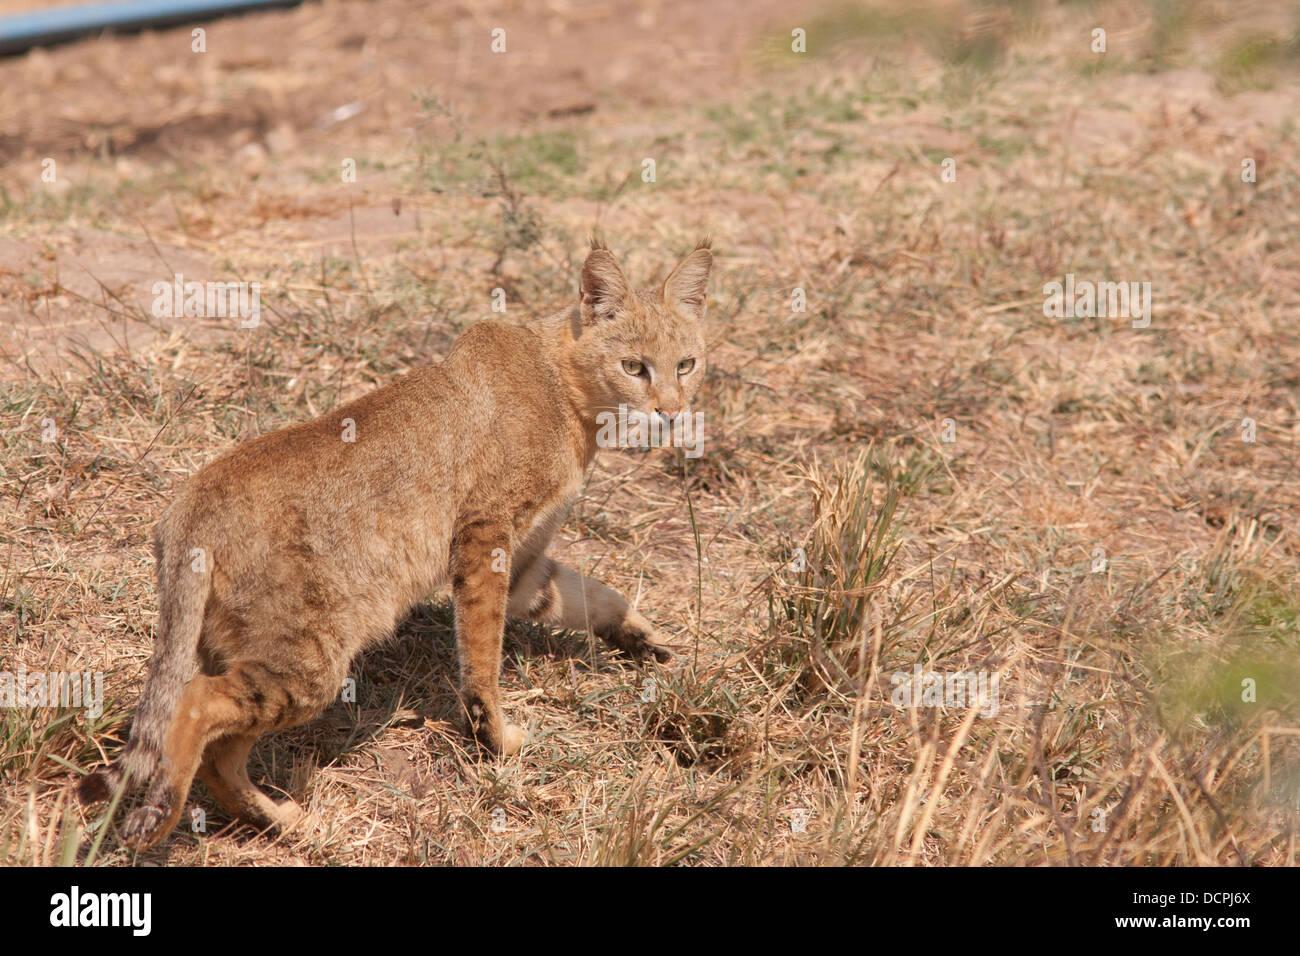 Jungle Cat, Felis chaus, Nalsarovar, Gujarat, India - Stock Image